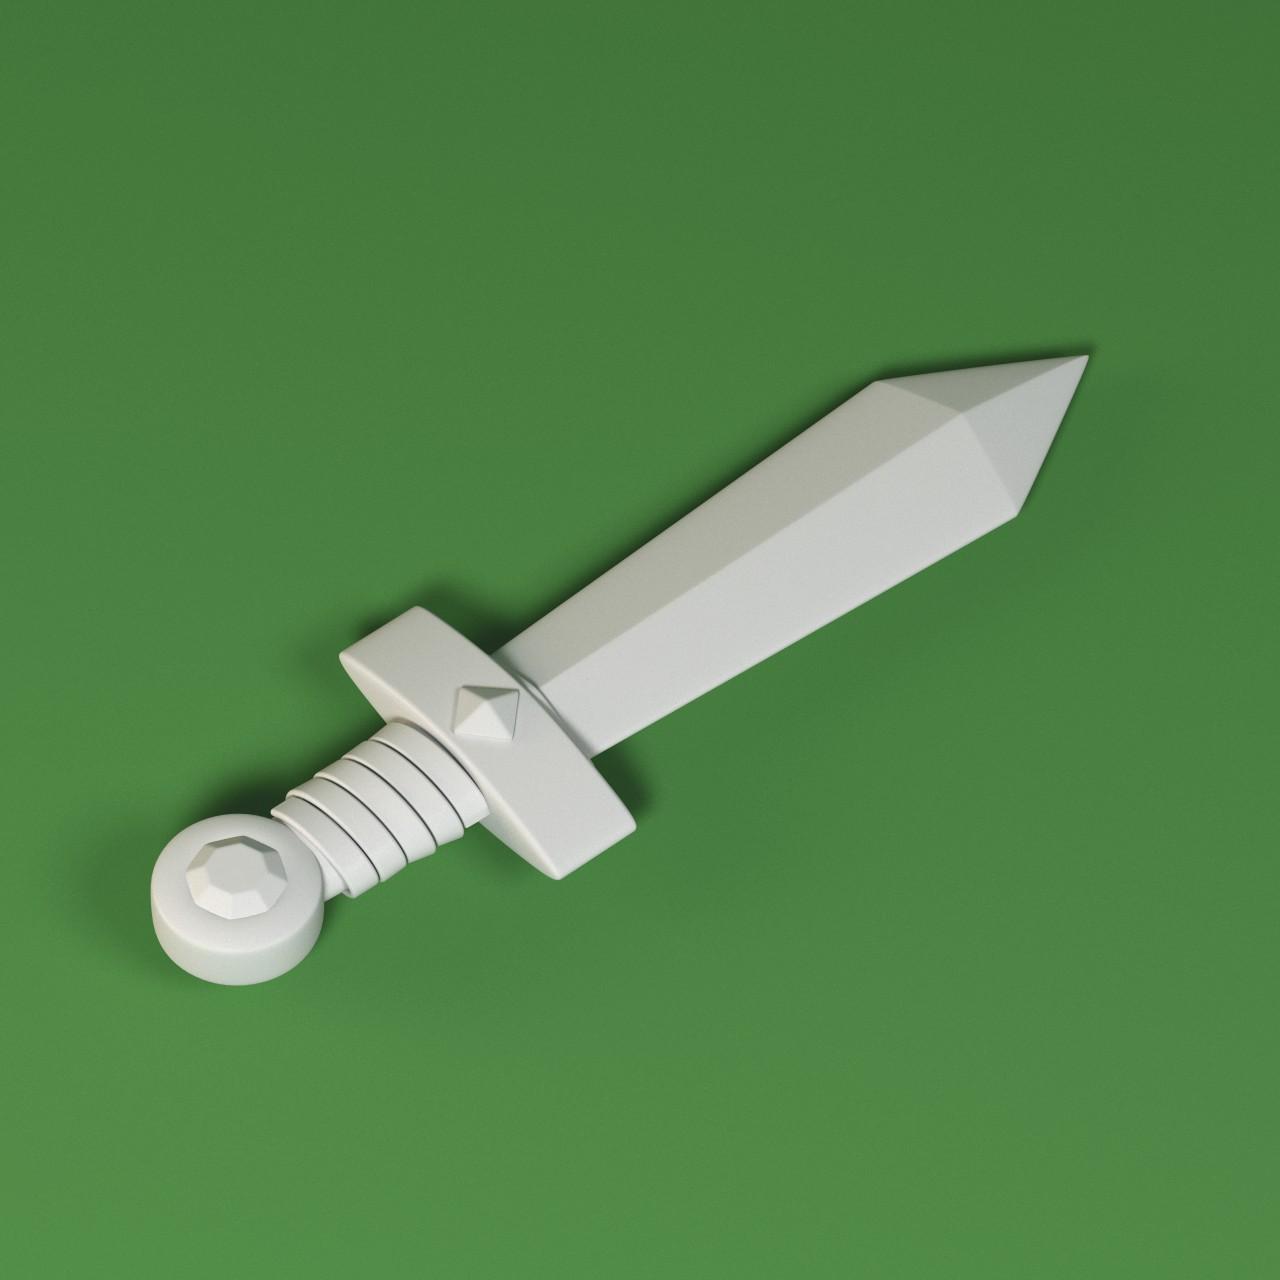 dagger_1_1.jpg